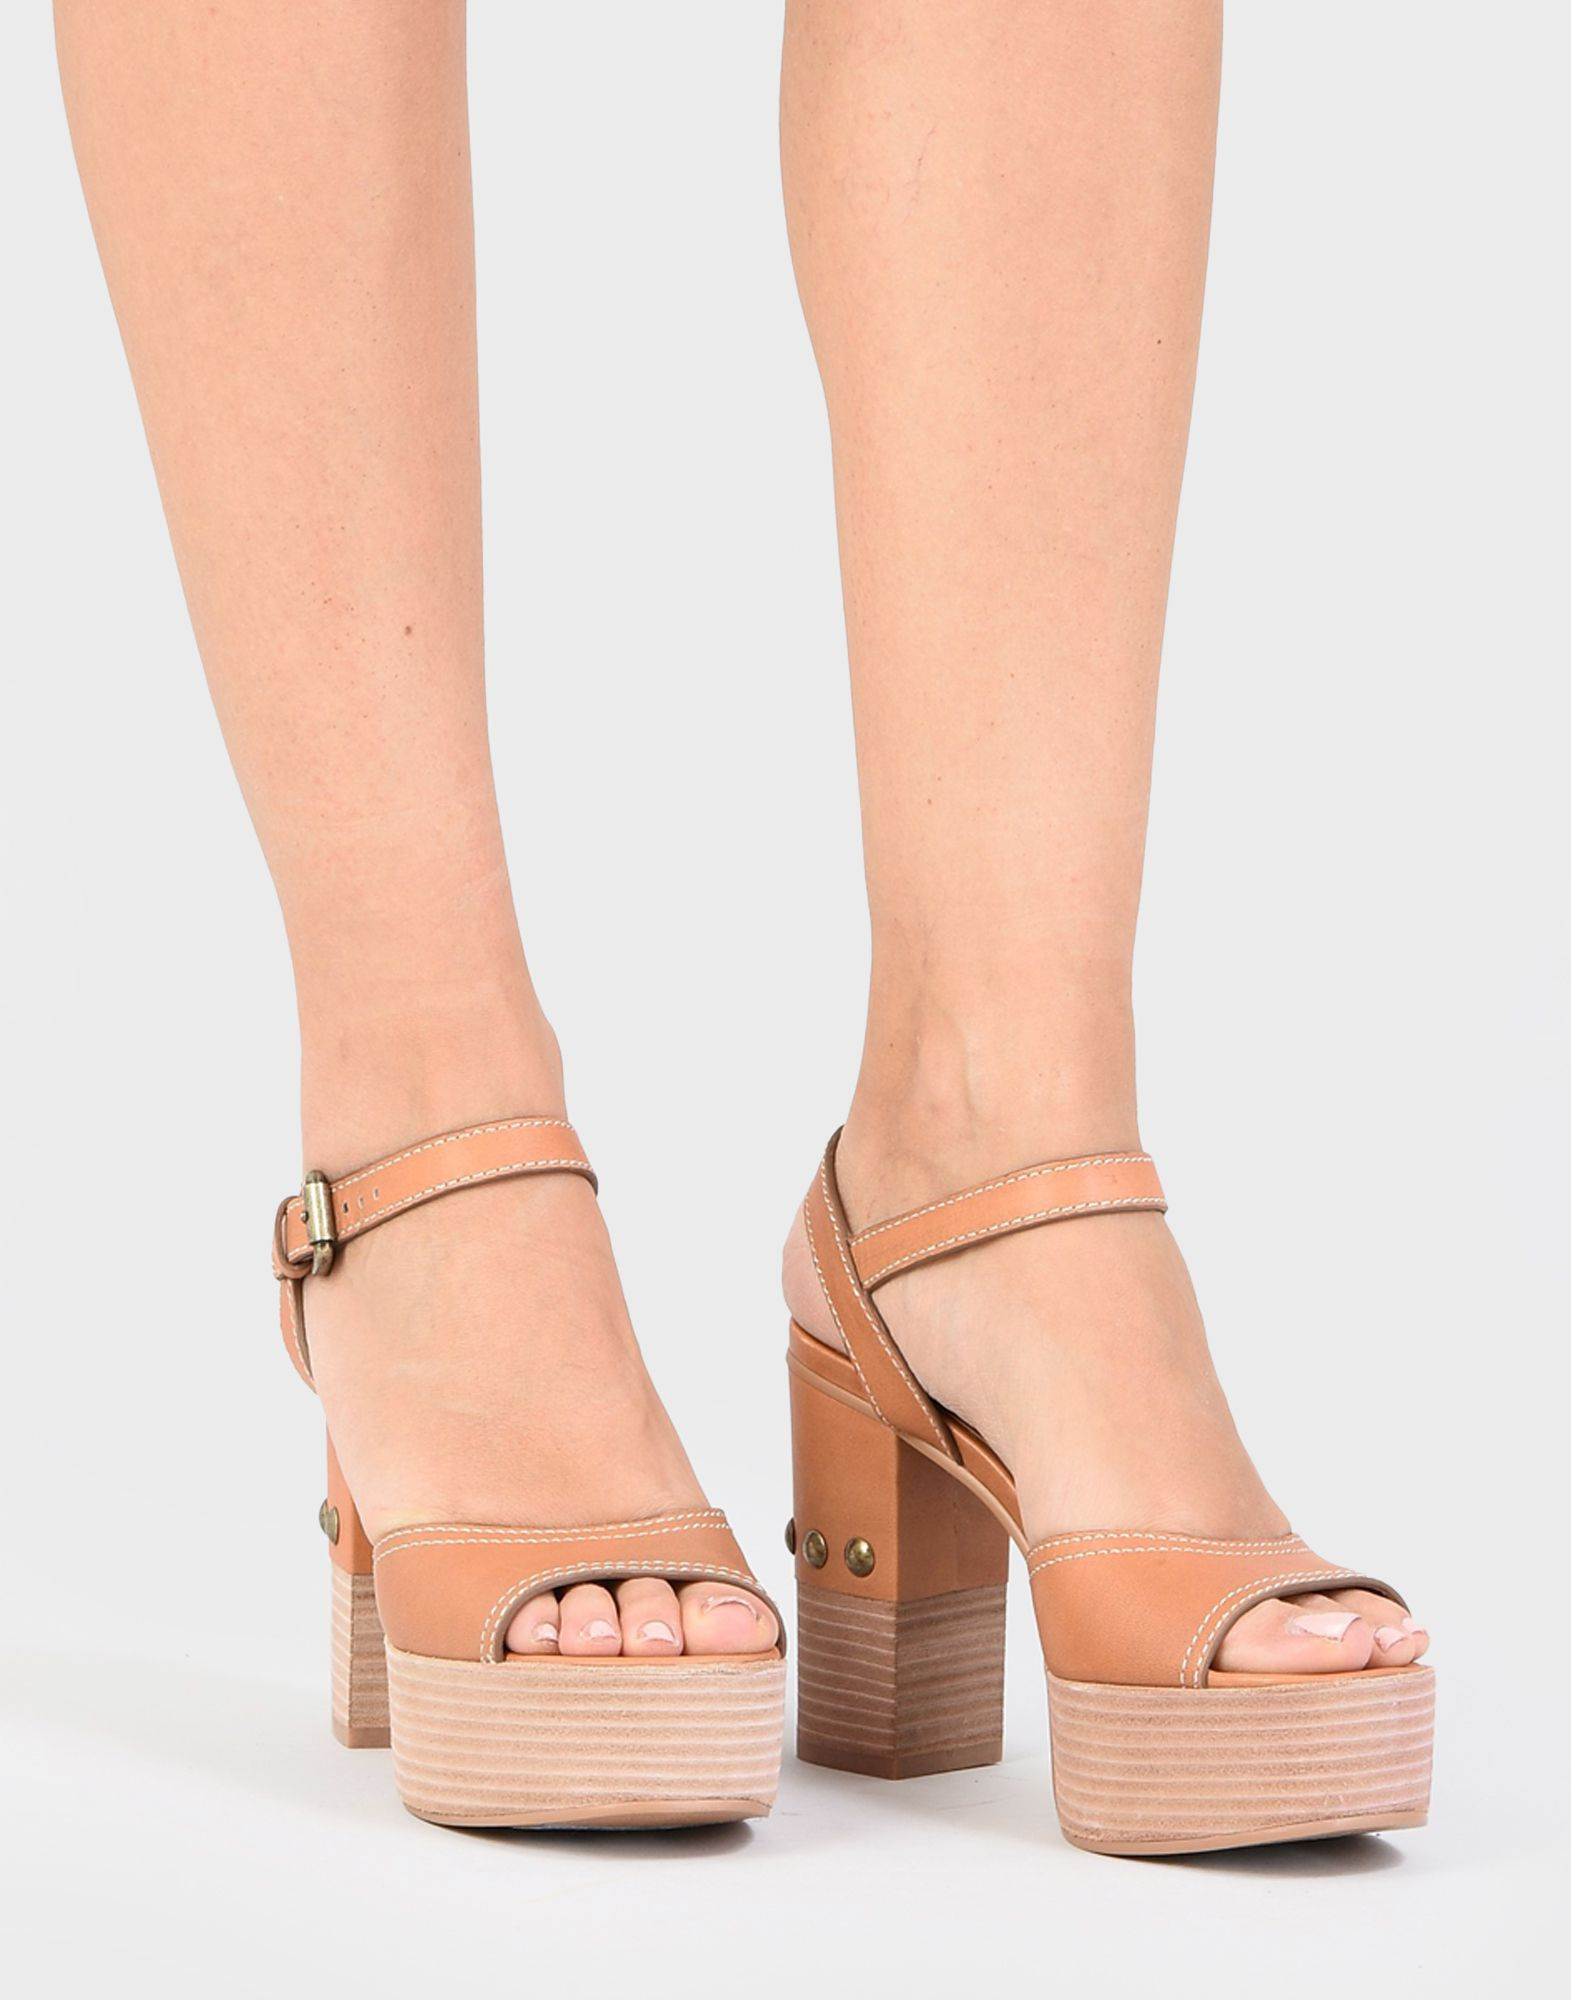 See By 11380372UCGünstige Chloé Sandalen Damen  11380372UCGünstige By gut aussehende Schuhe 6db001